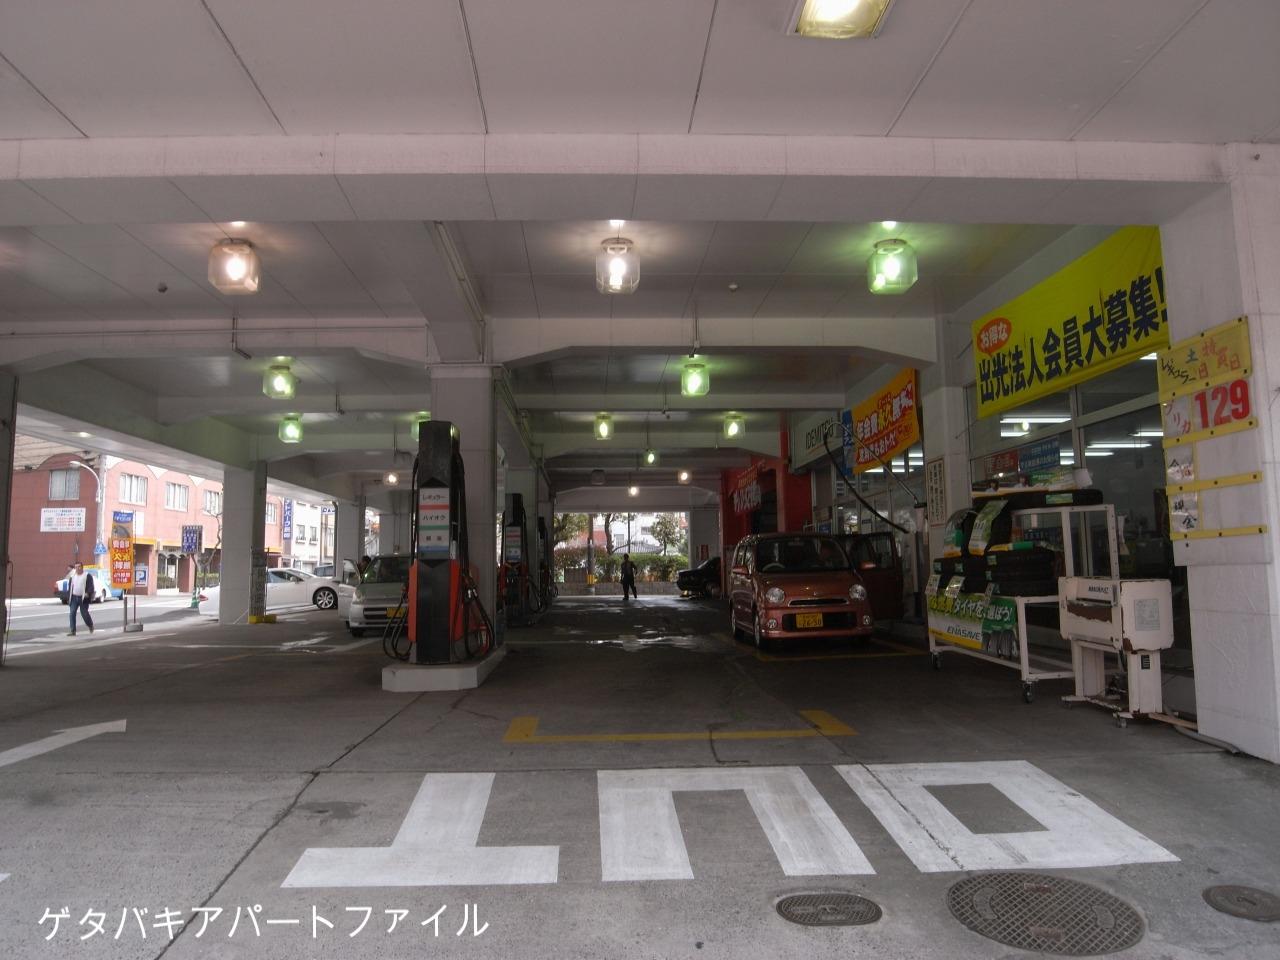 ガソリンスタンド部分